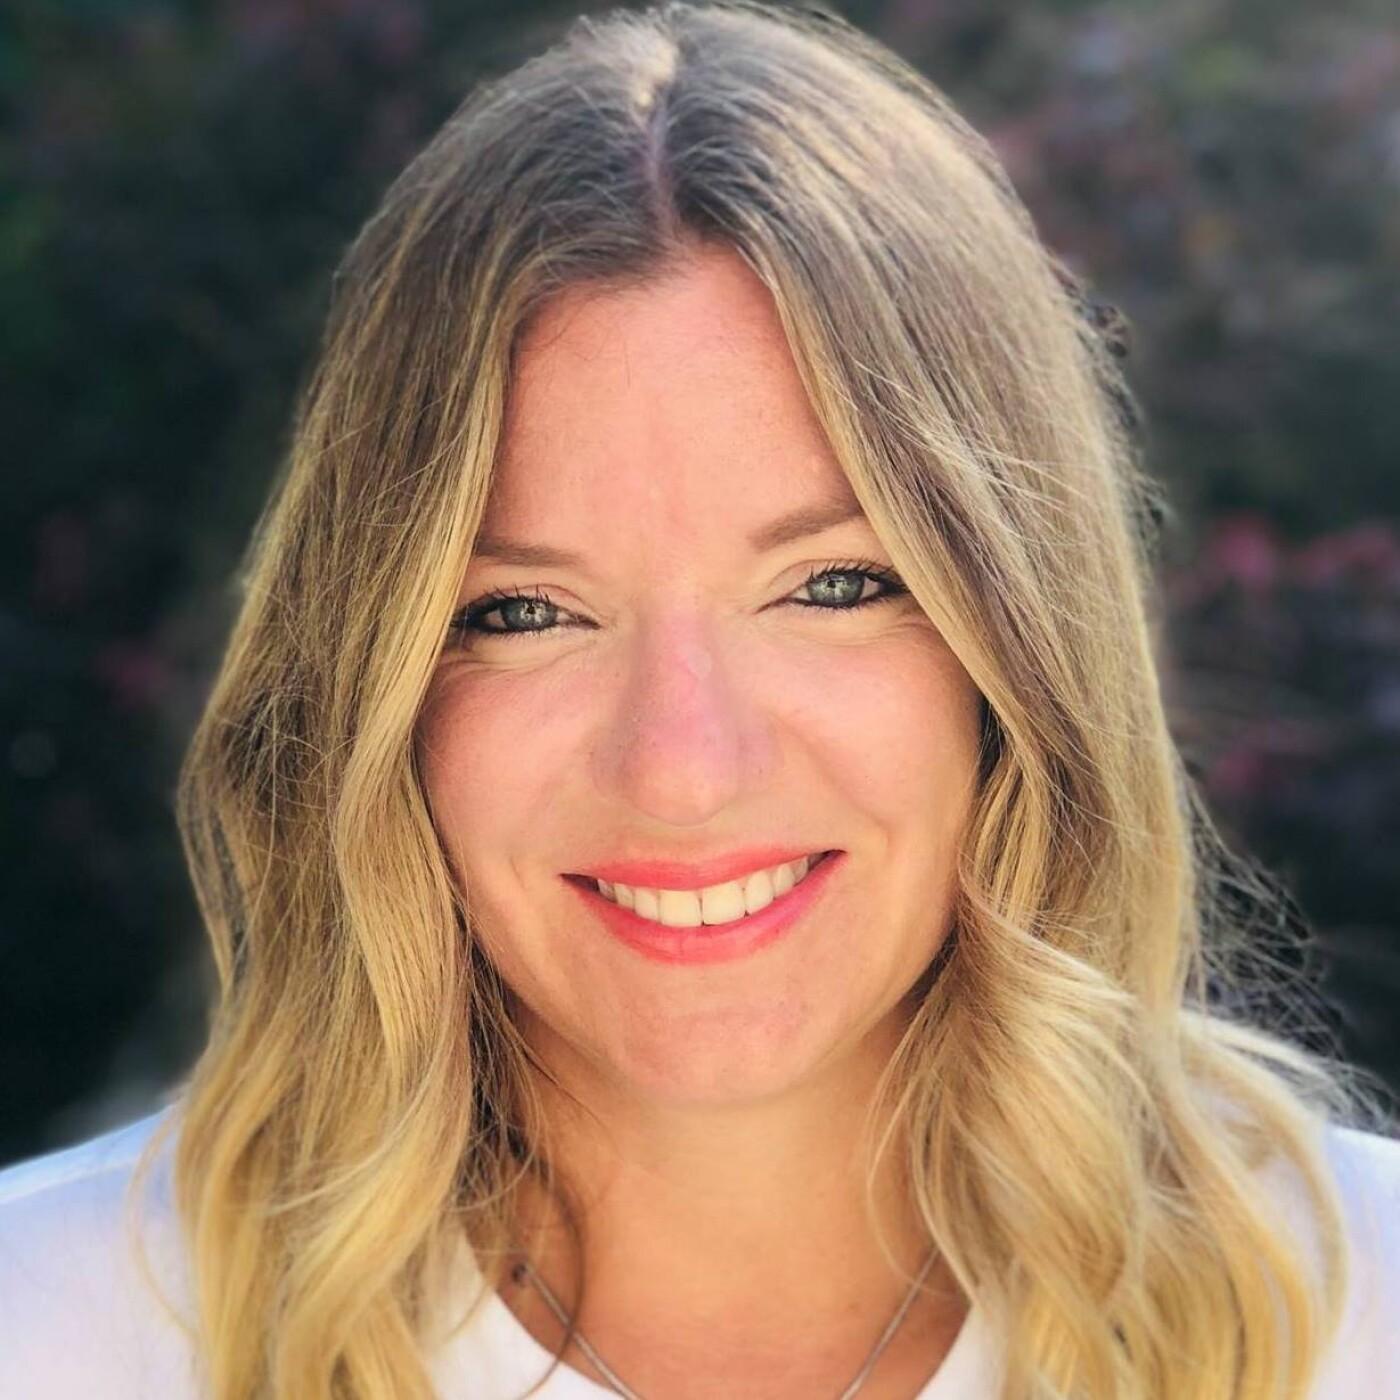 Elodie vit en Californie à Palm Springs - 08 06 2021 - StereoChic Radio